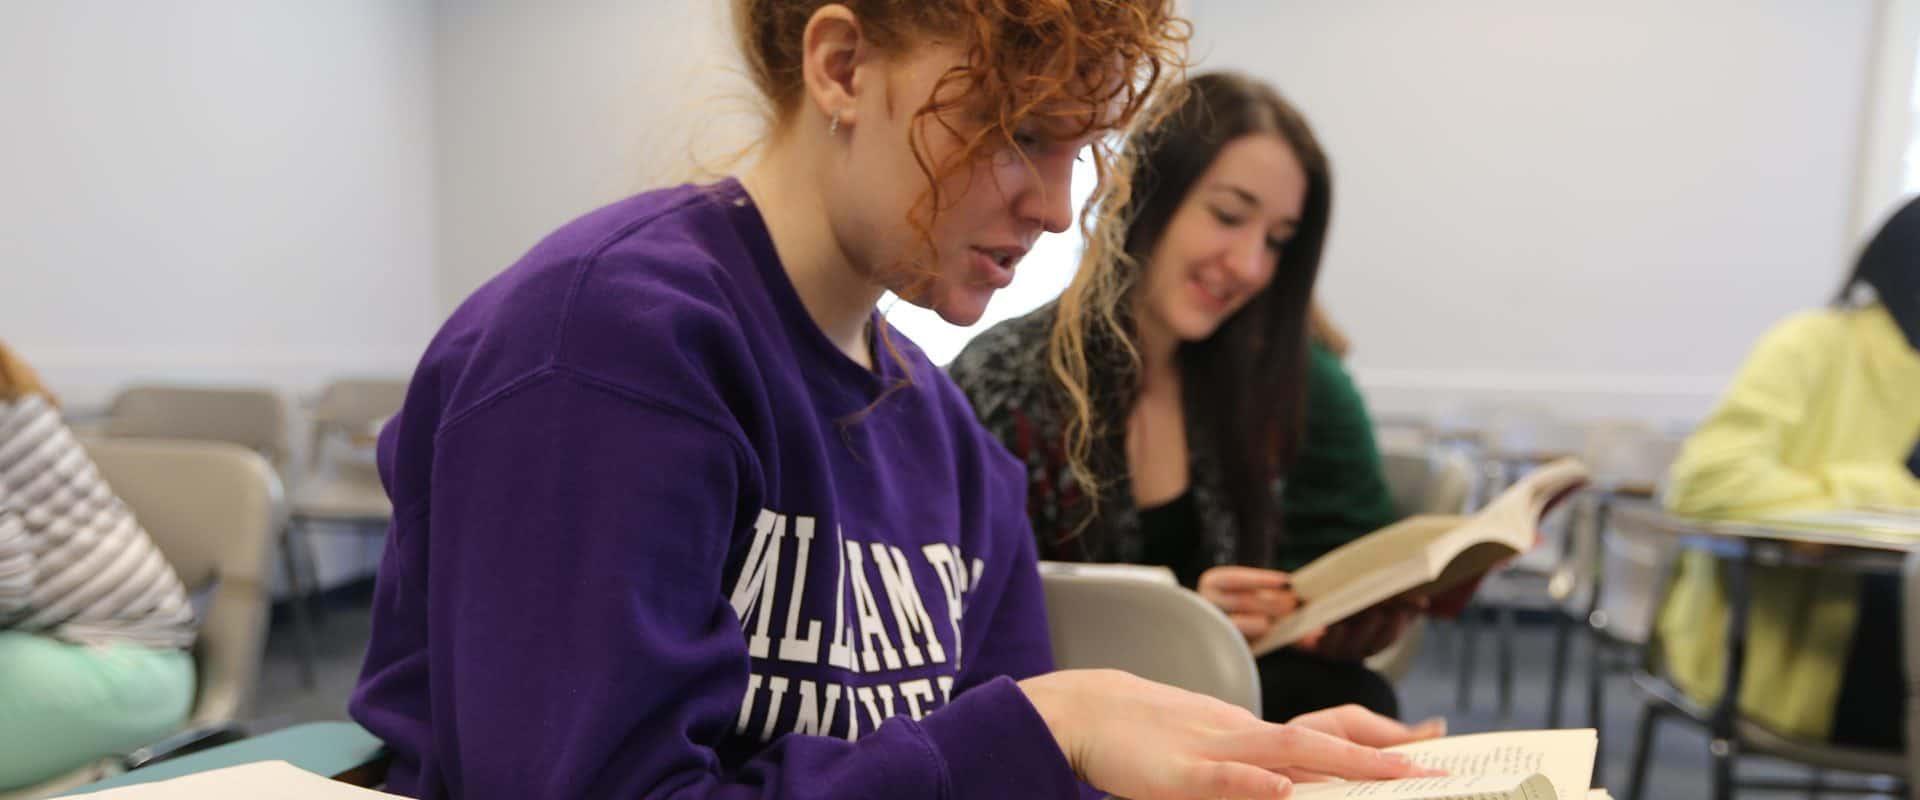 Study History at WPU